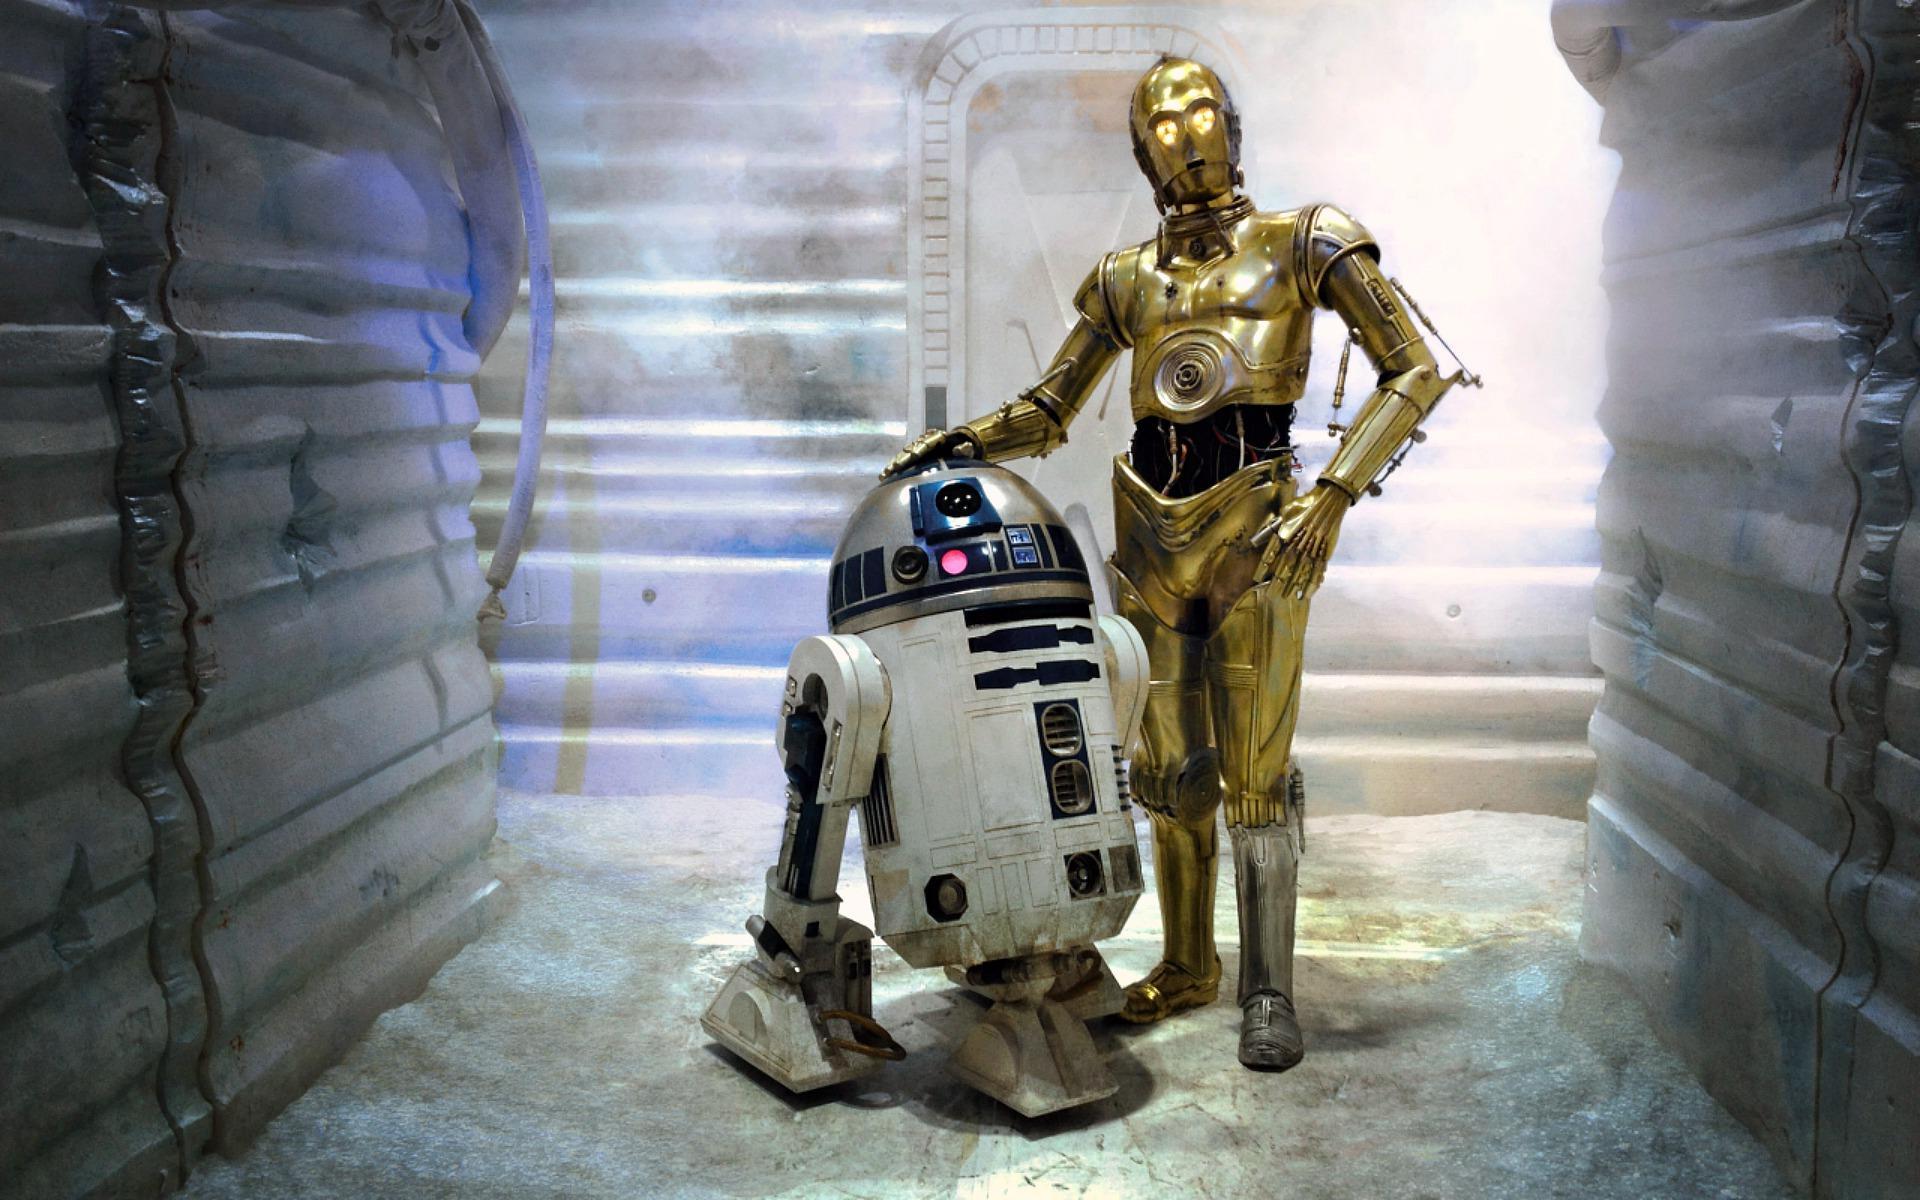 R2-D2 & C-3PO Best Friends - 1920x1200 - Full HD 16/10 - Wallpaper